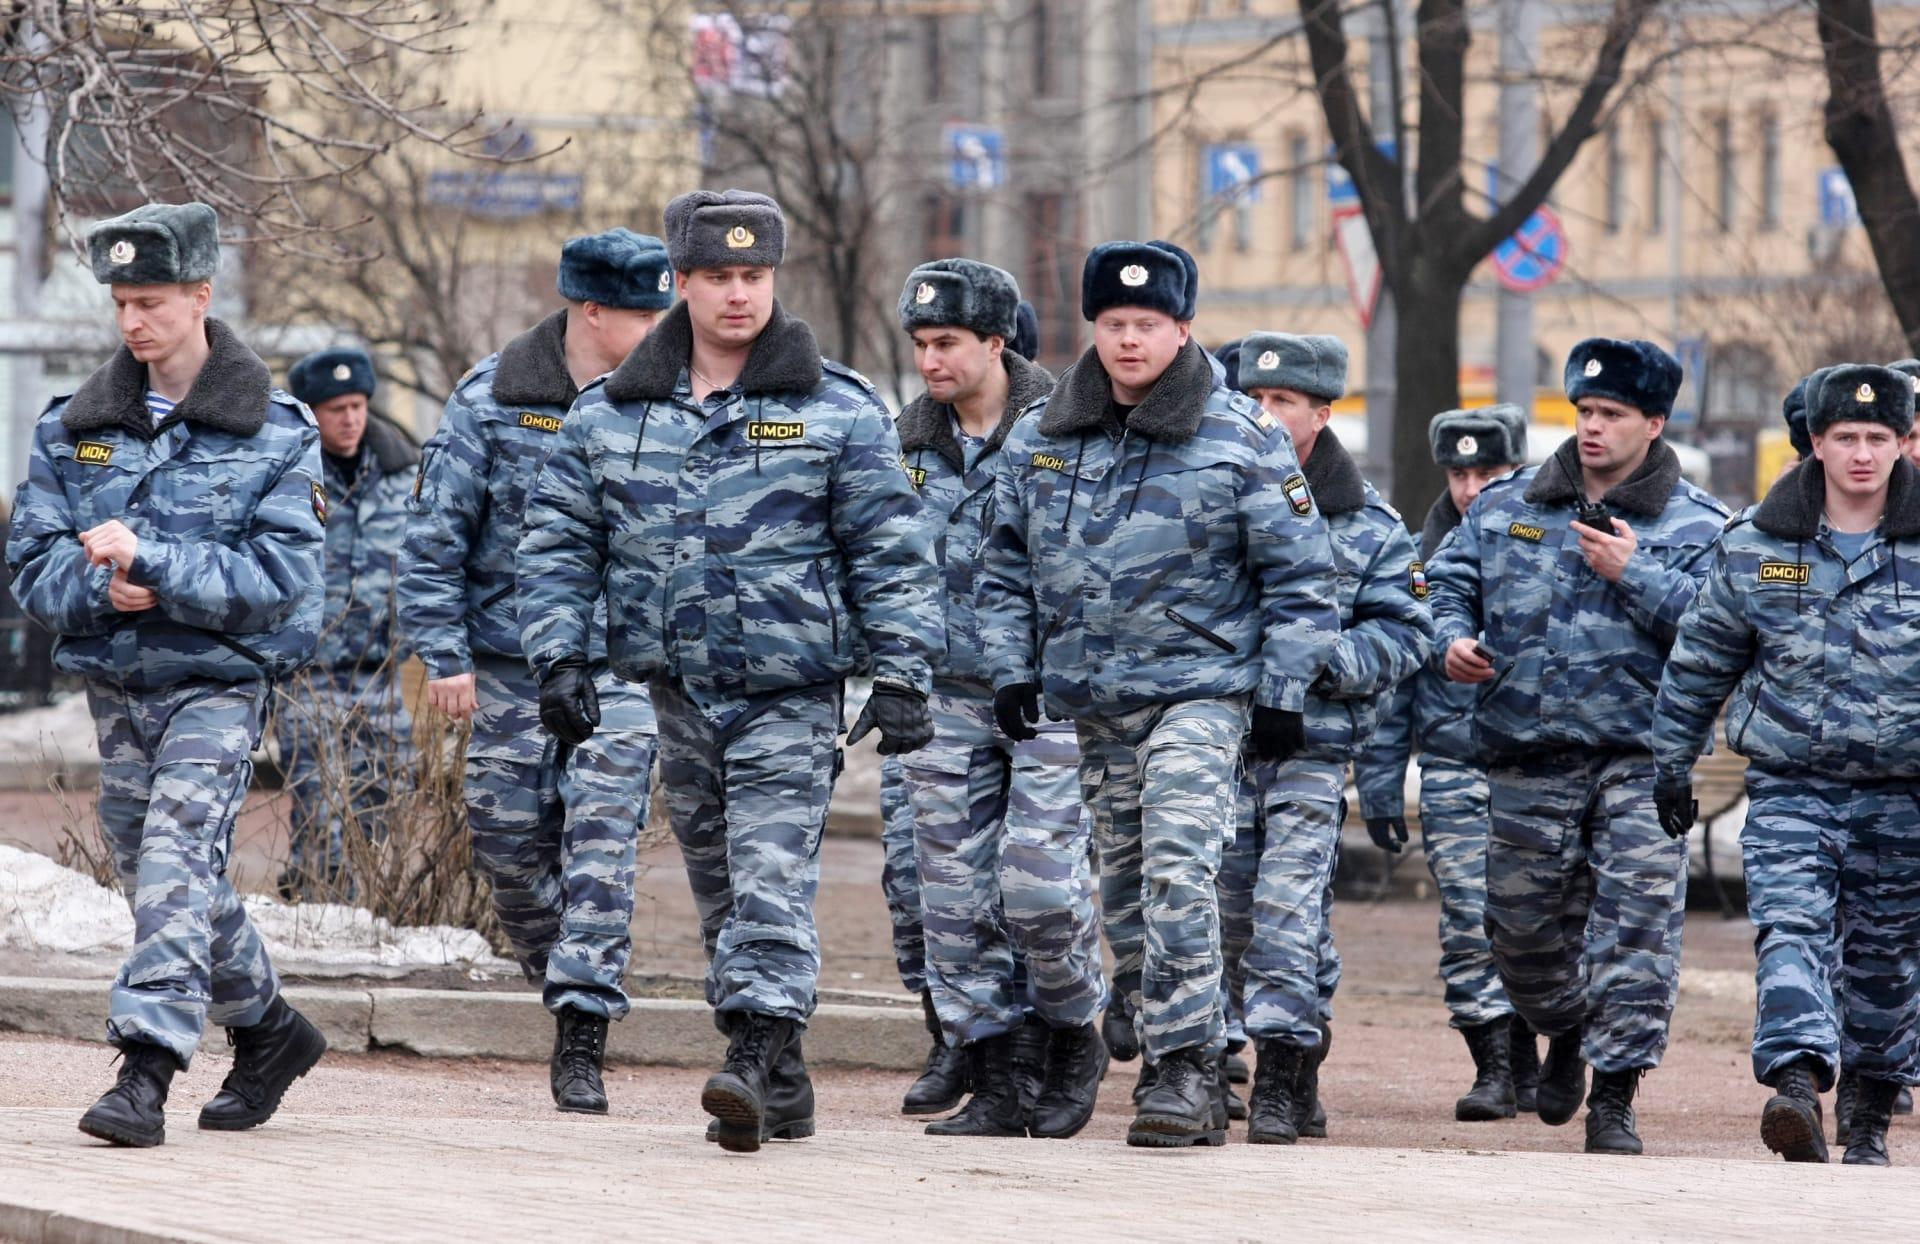 روسيا: مقتل 4 مسلحين و3 عناصر بالشرطة بإطلاق نار بداغستان